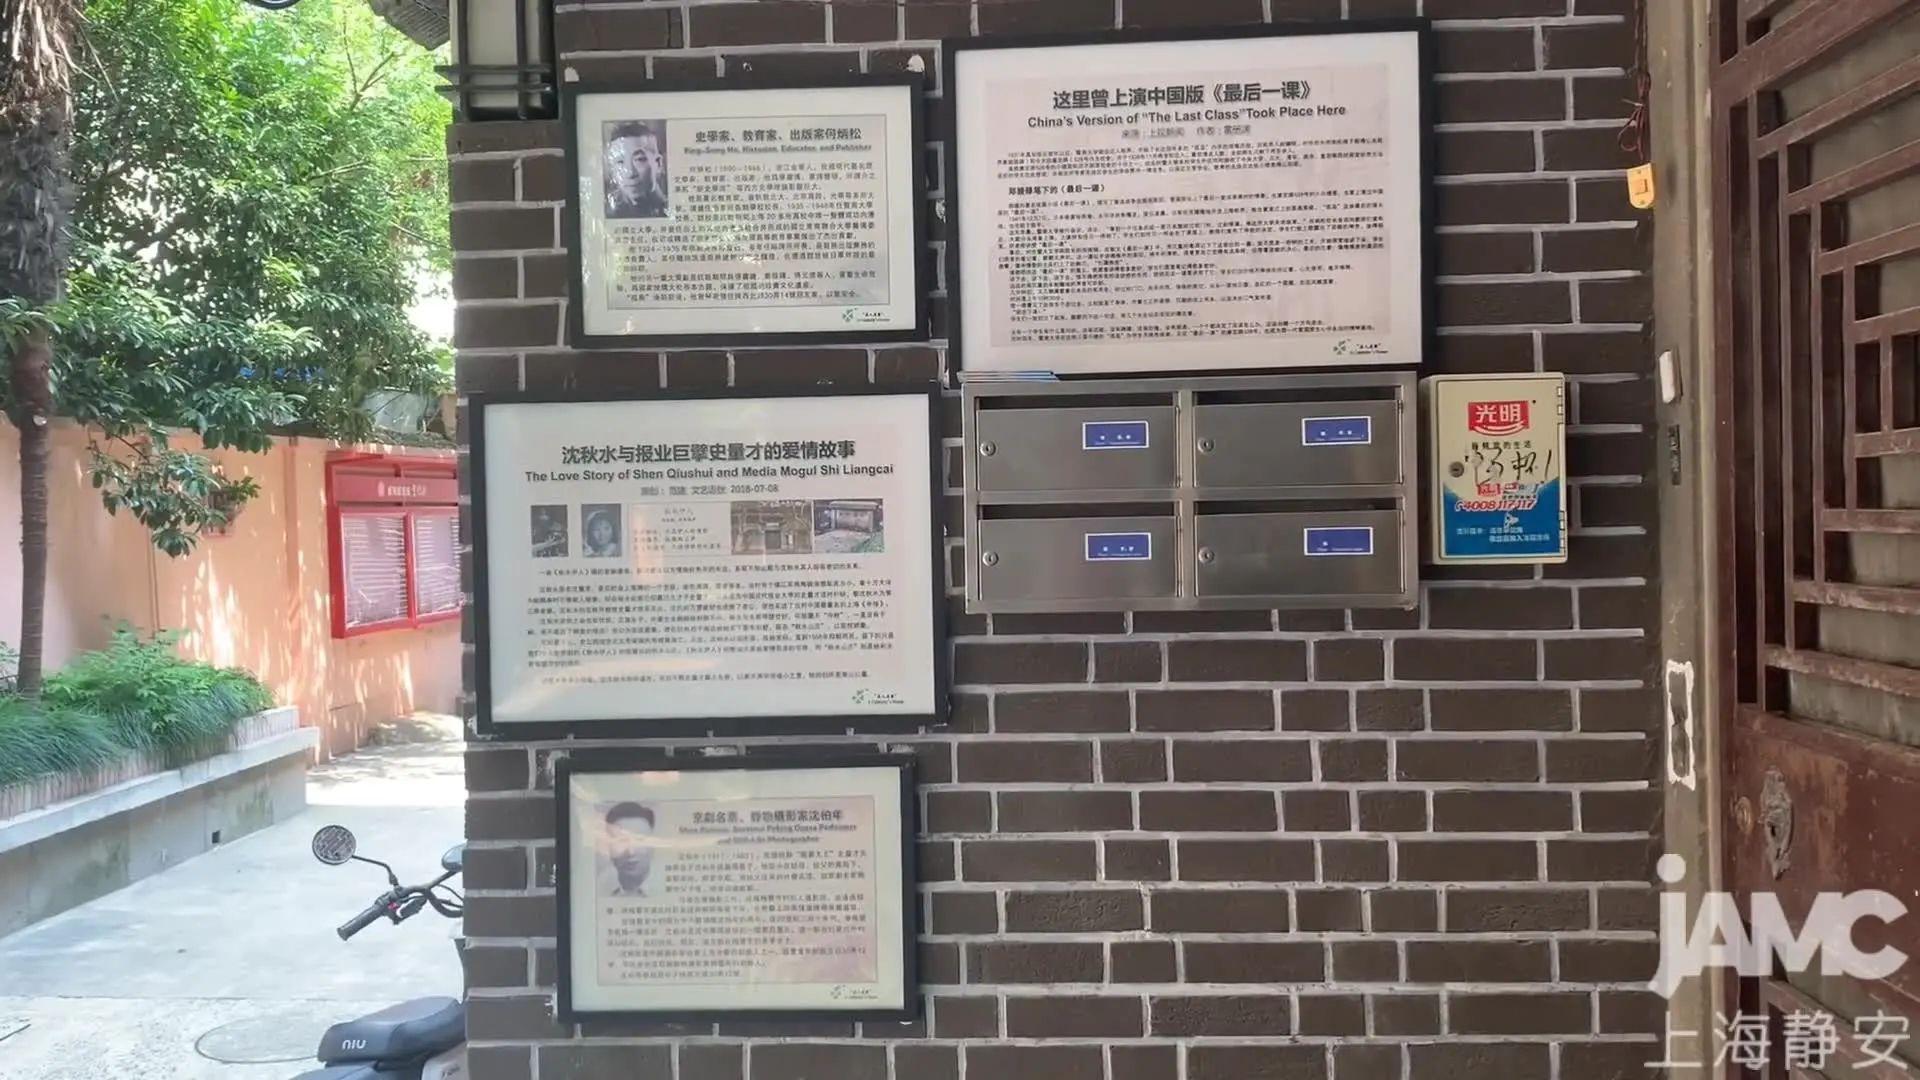 坚持数年,七旬上海爷叔在陕西北路30弄挖掘到了啥宝藏?